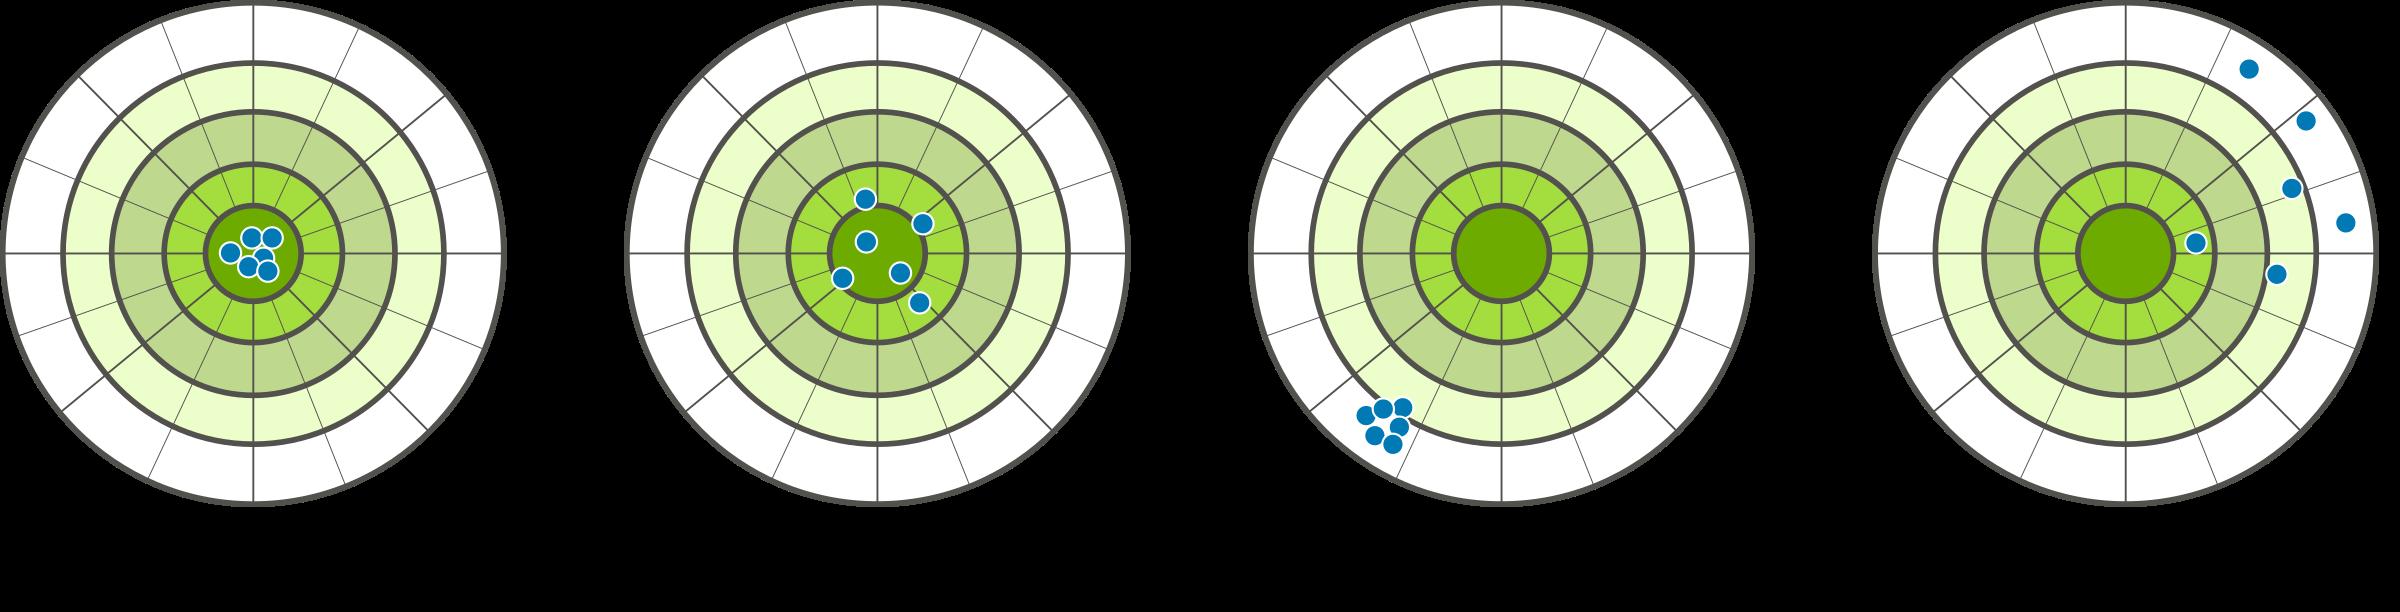 Vs precision big image. Essay clipart accuracy